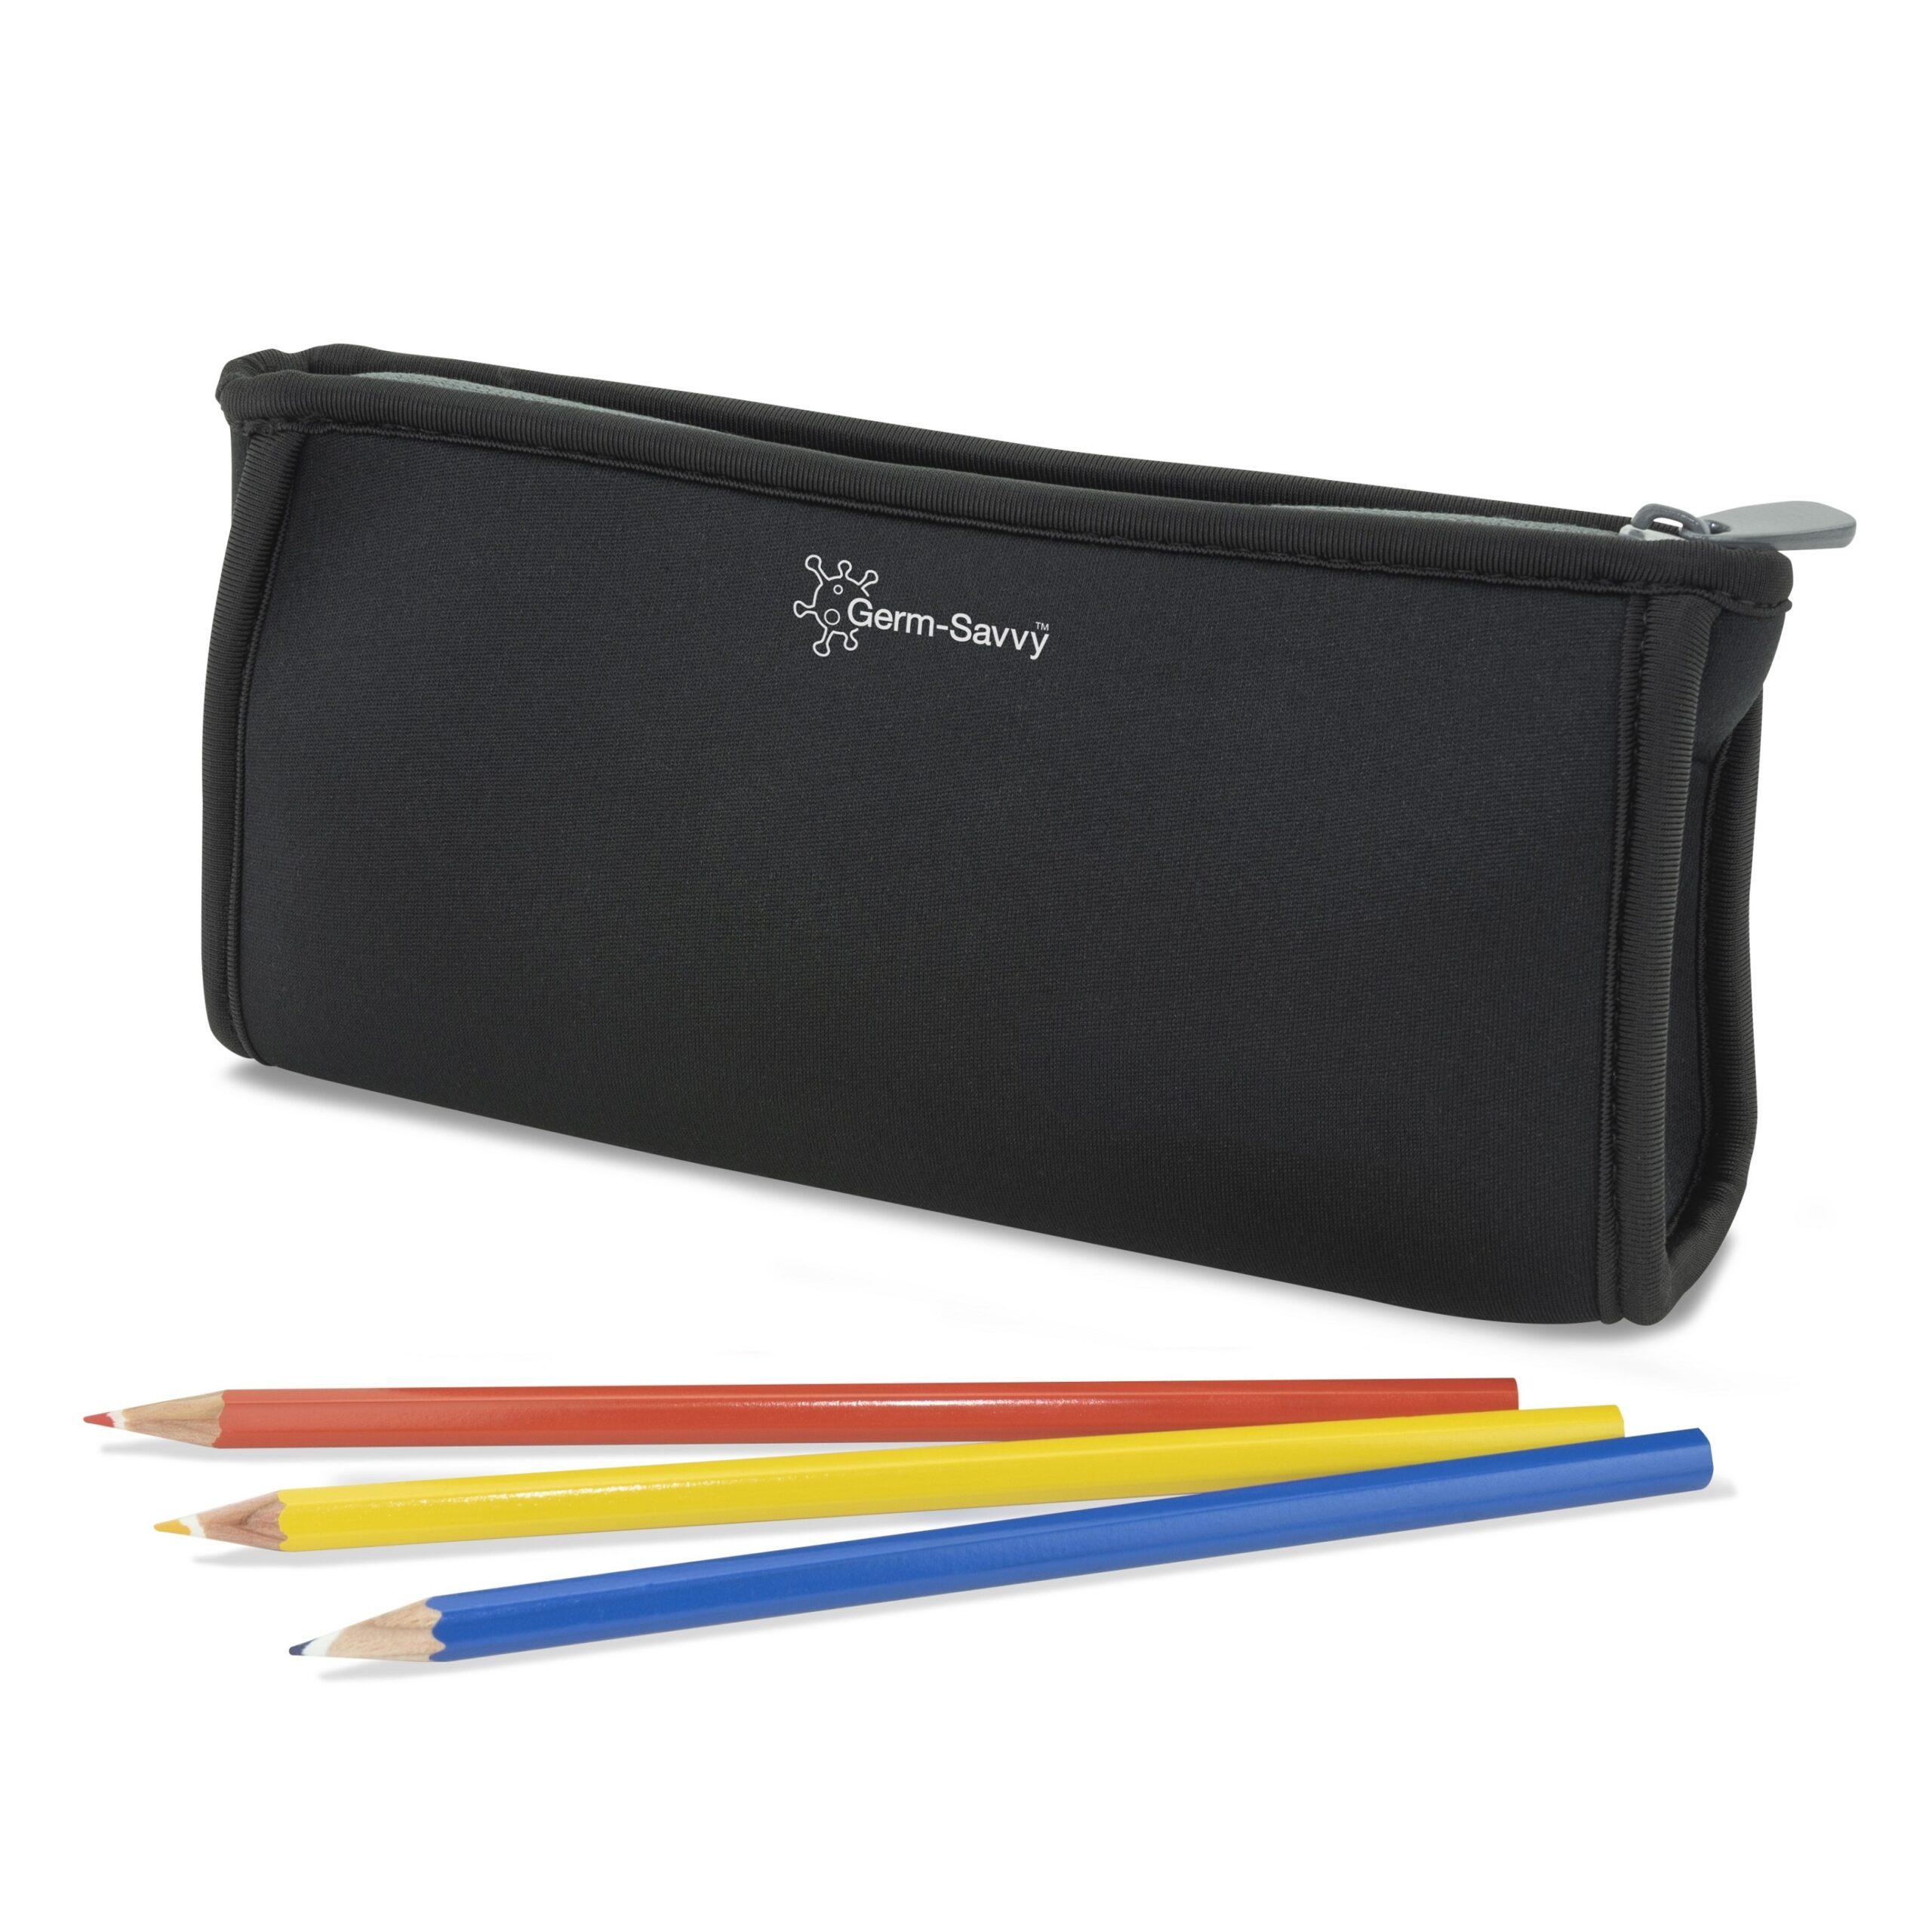 Germ_Savvy Antibacterial Pencil Case